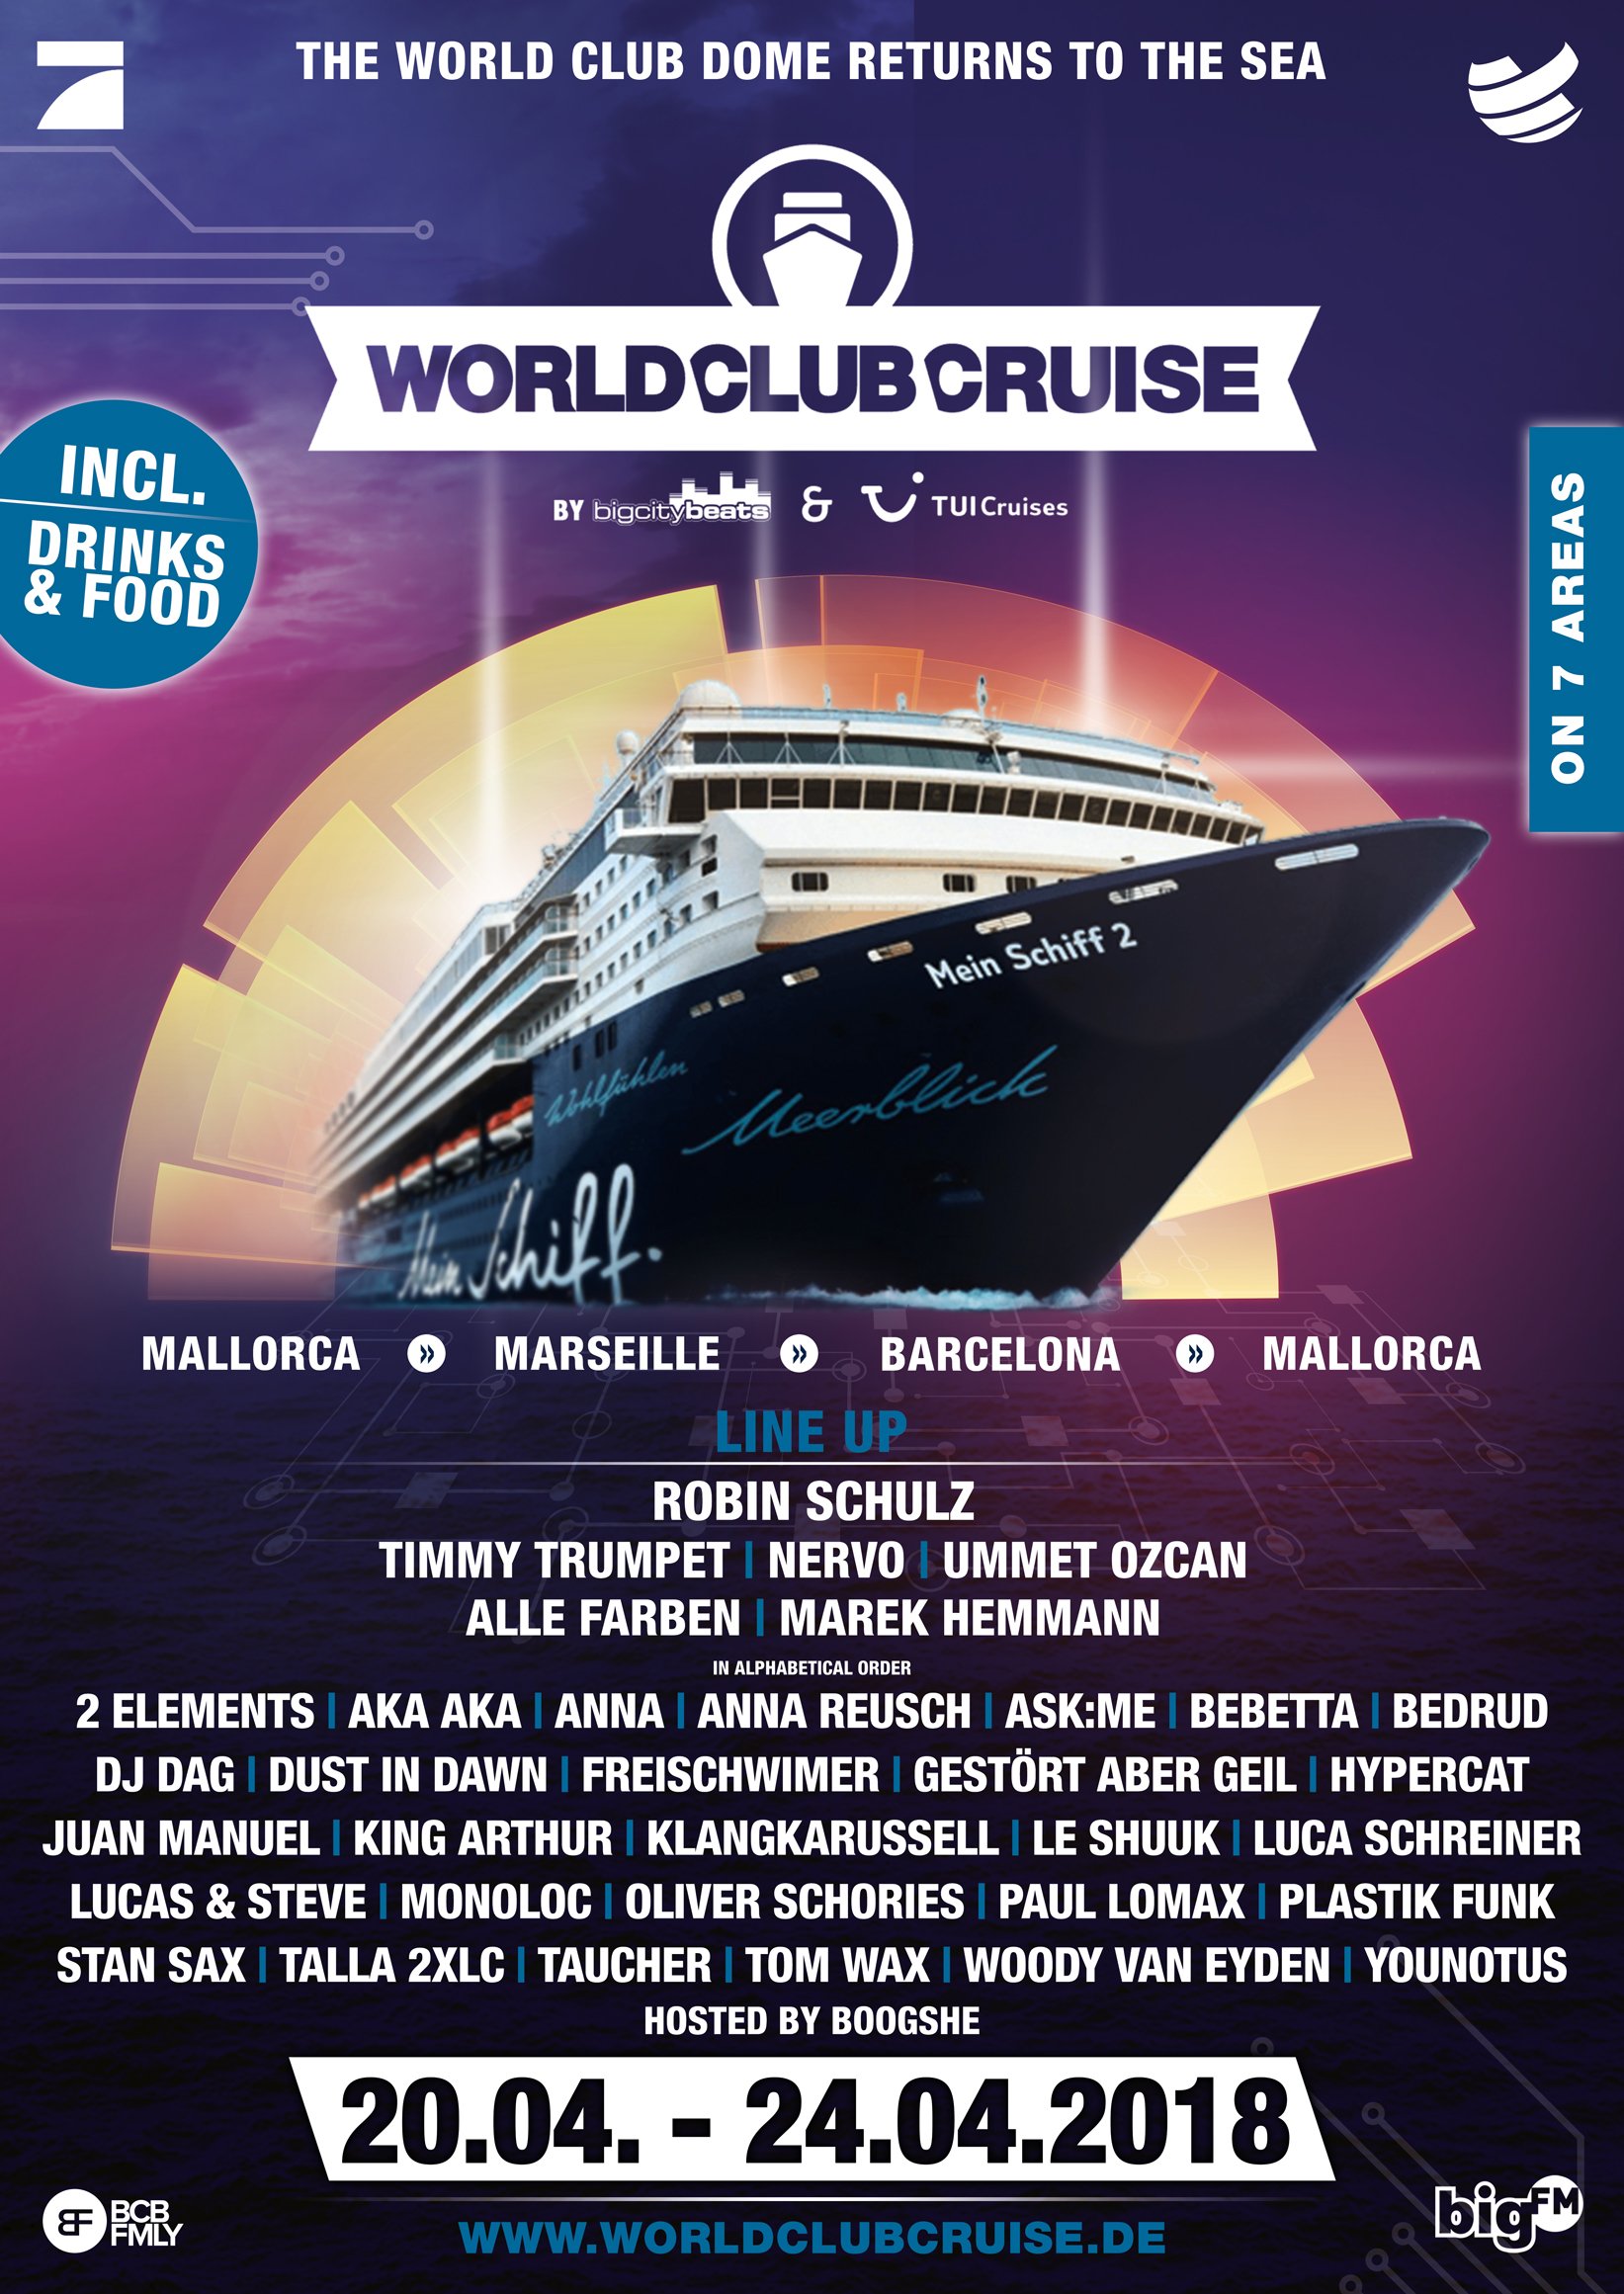 Das offizielle Plakat der World Club Cruise